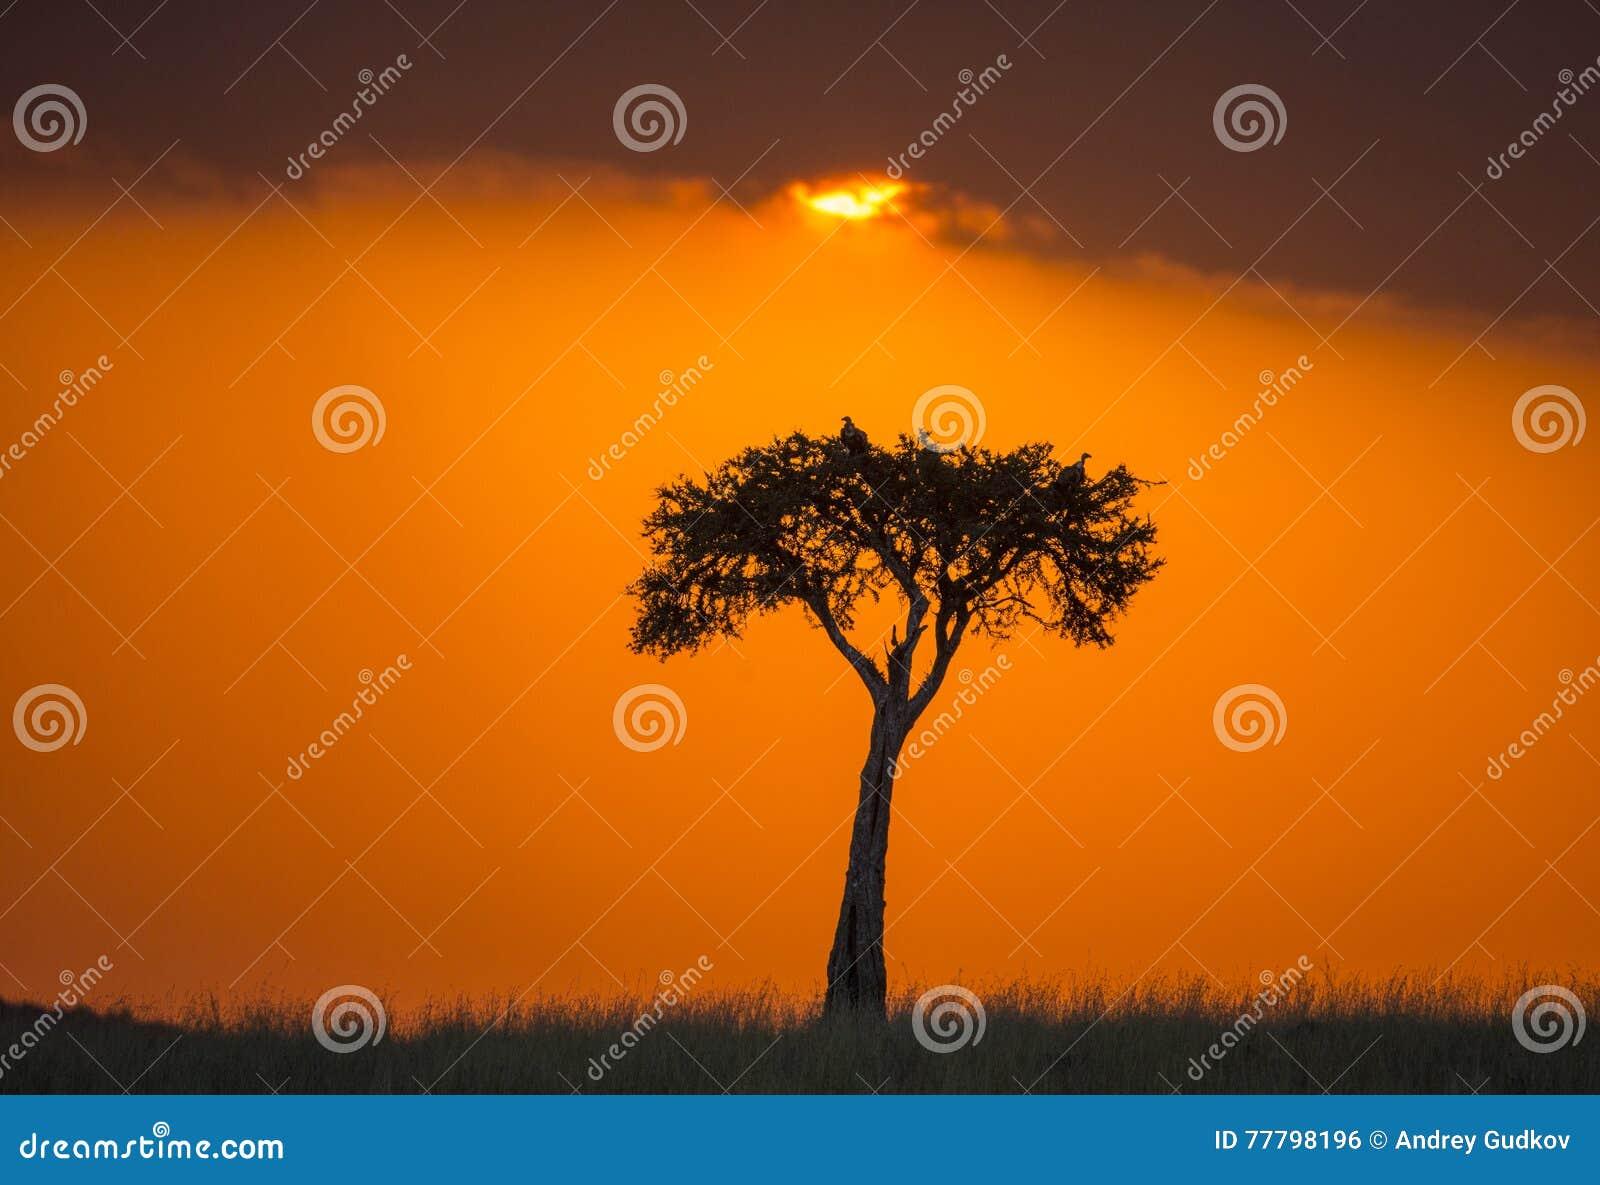 Заход солнца в национальном парке Maasai Mara вышесказанного Кения